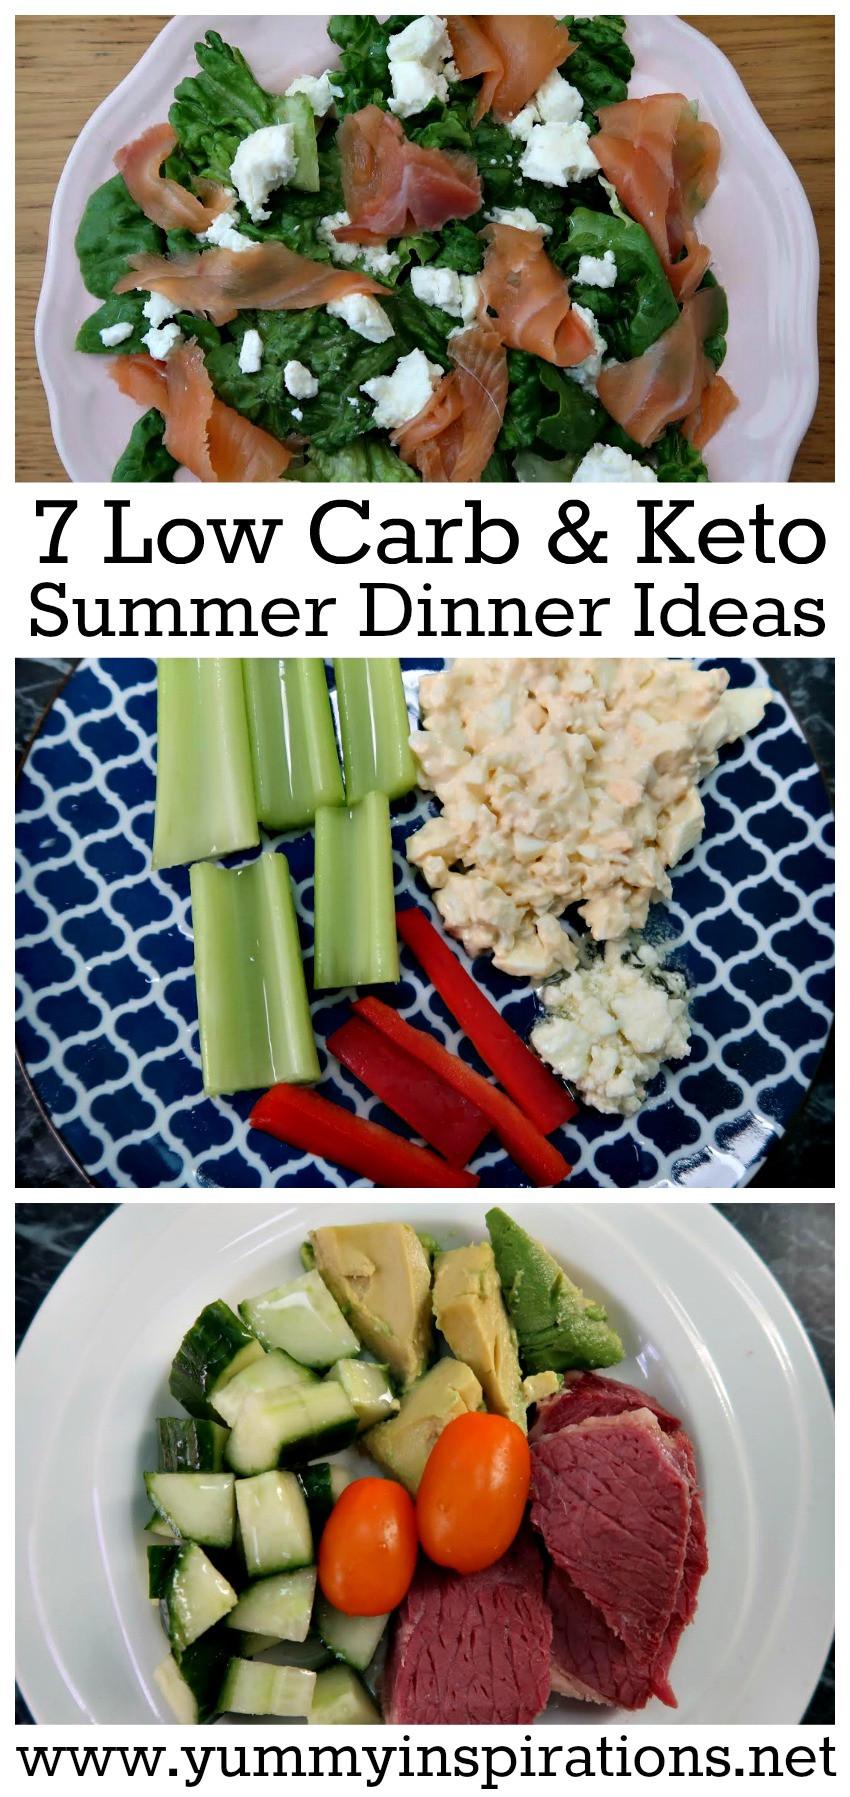 Keto Diet Dinner Recipes  7 Keto Diet Low Carb Summer Dinner Recipes & Ideas